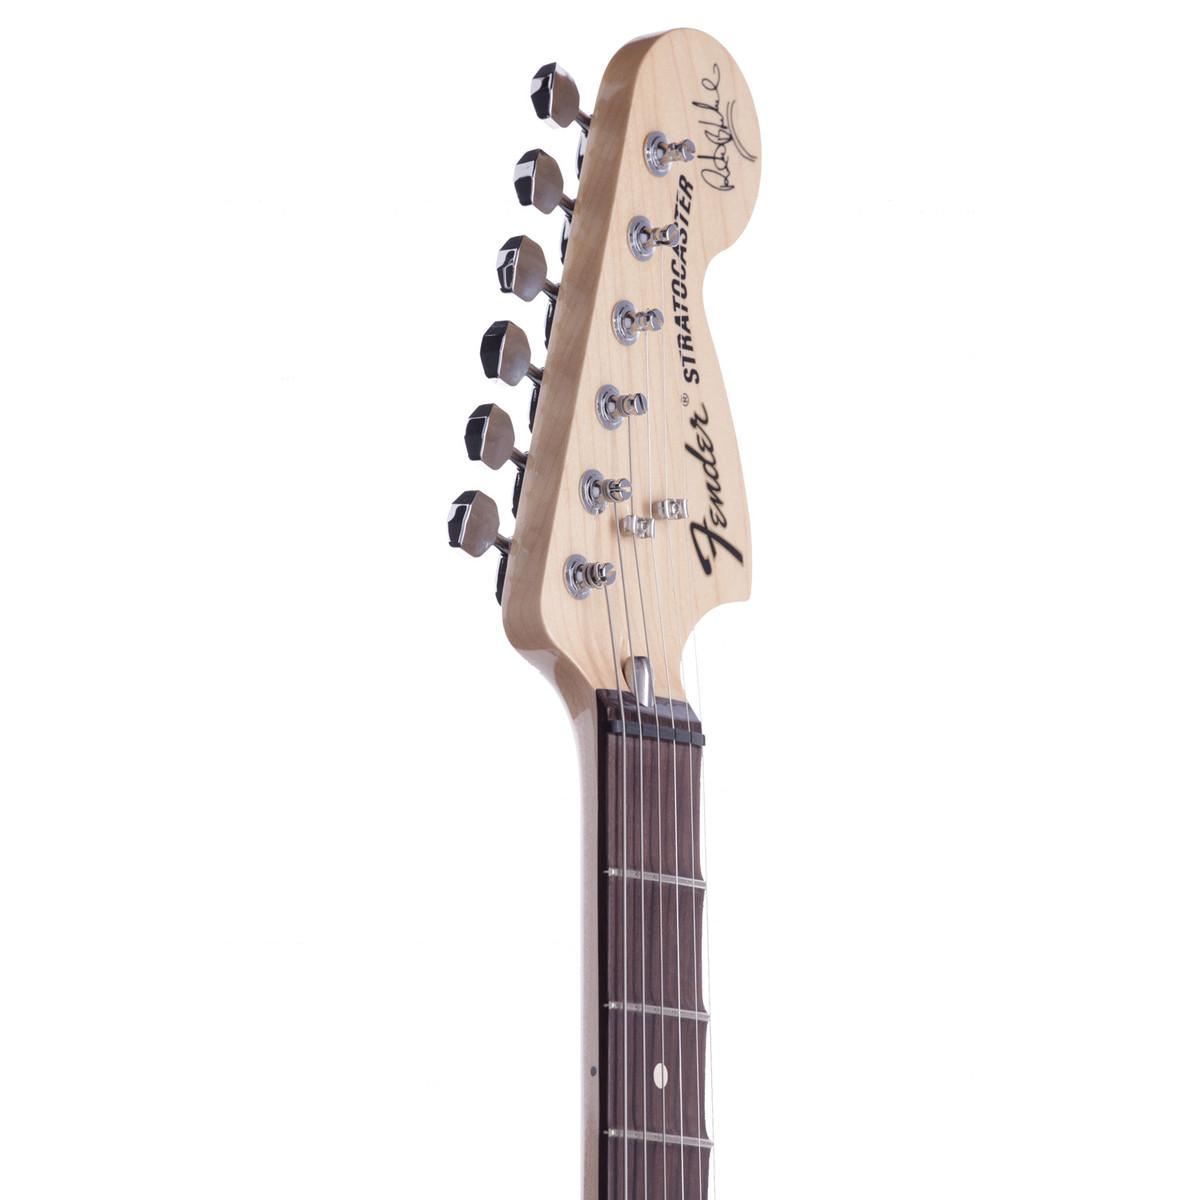 Fender Hm Strat Wiring Diagram